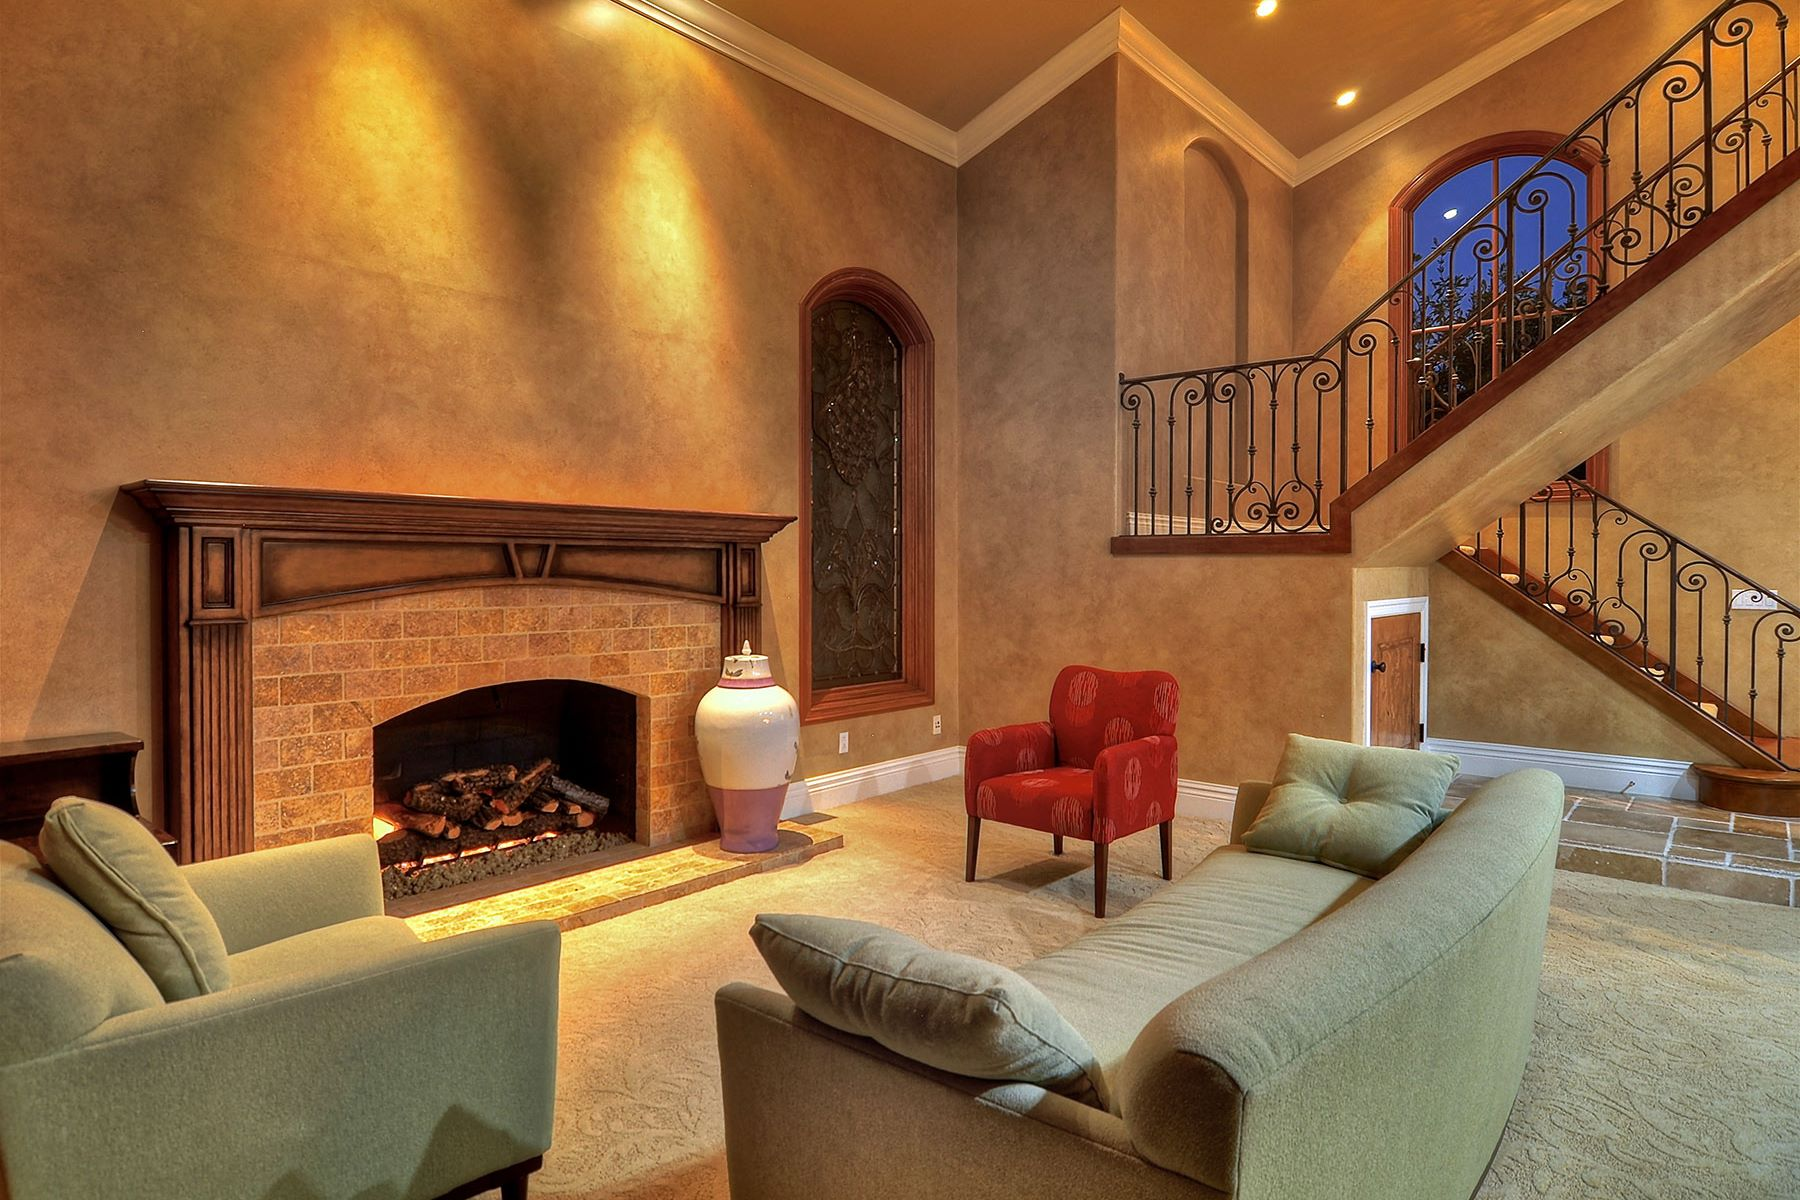 Частный односемейный дом для того Продажа на 16966 Coral Cay Huntington Beach, Калифорния, 92649 Соединенные Штаты